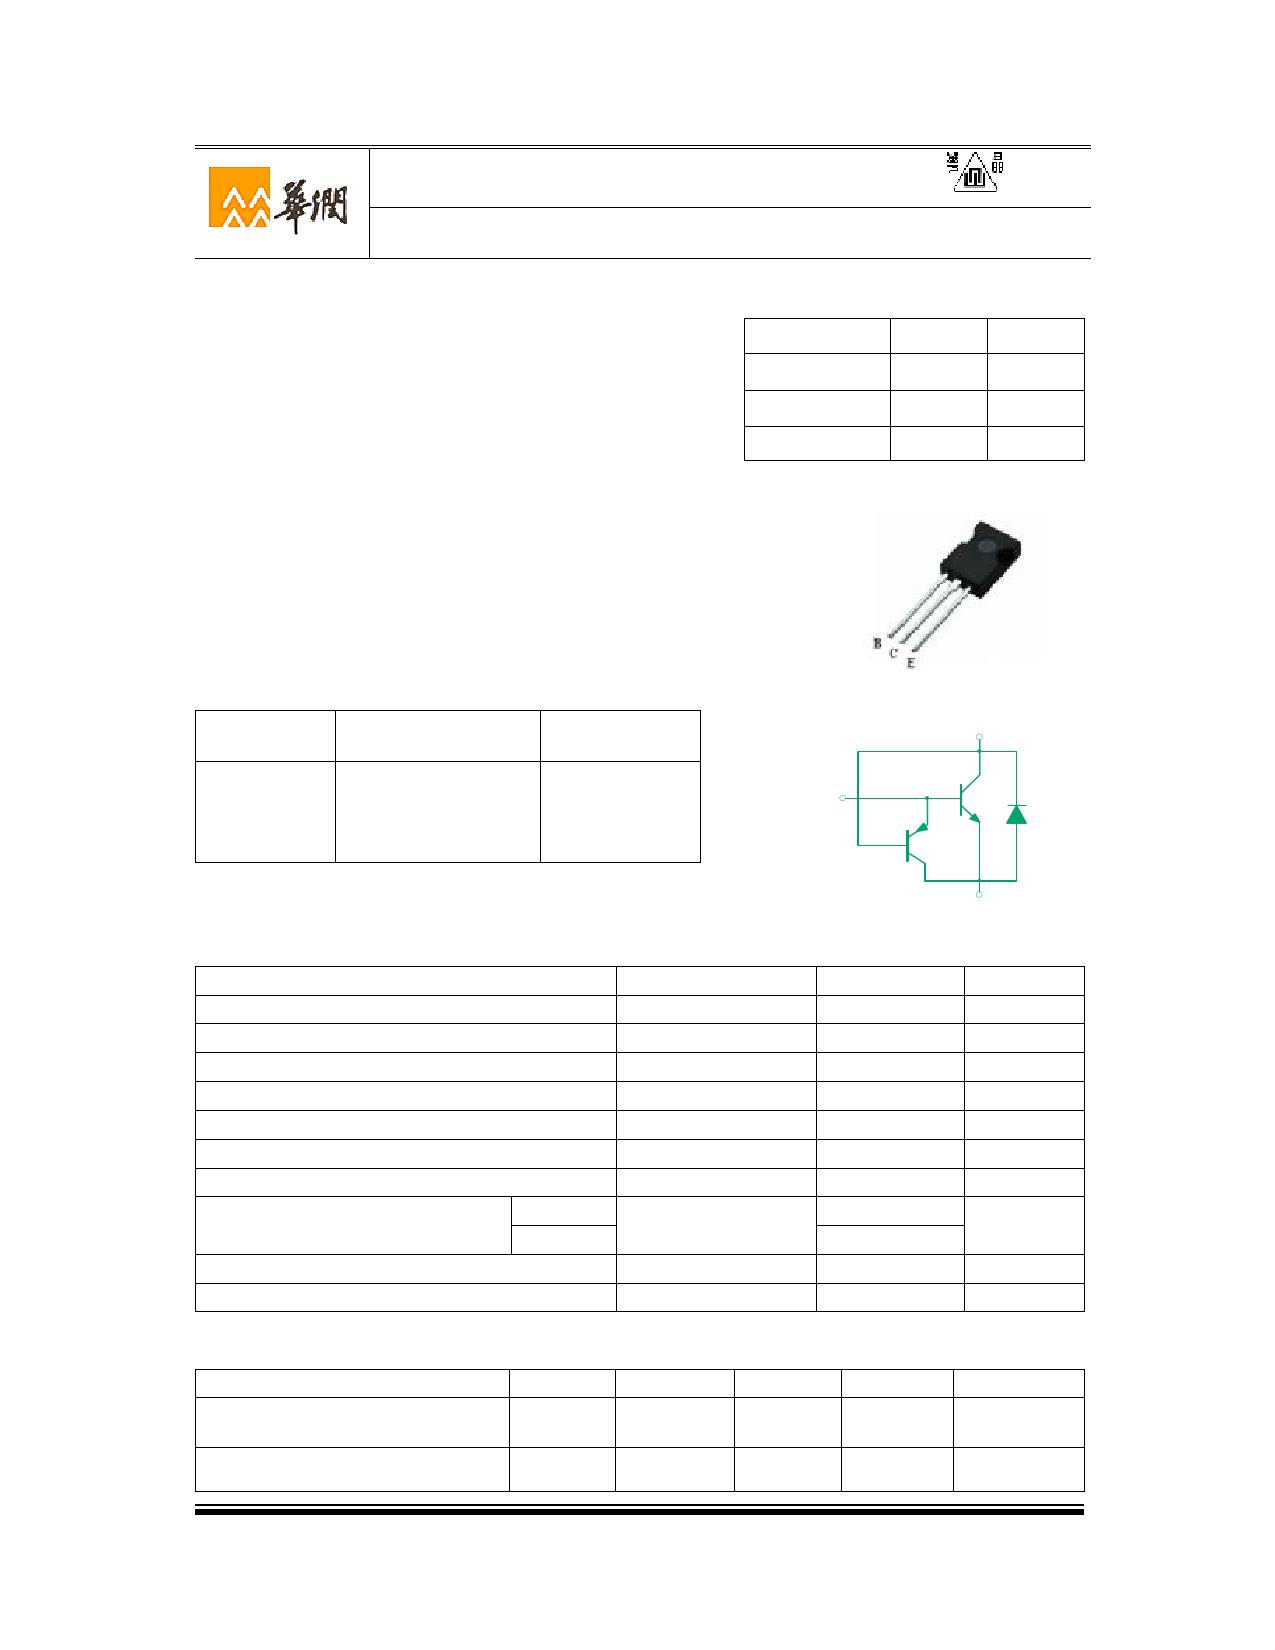 3DD13005C7D Datasheet, 3DD13005C7D PDF,ピン配置, 機能